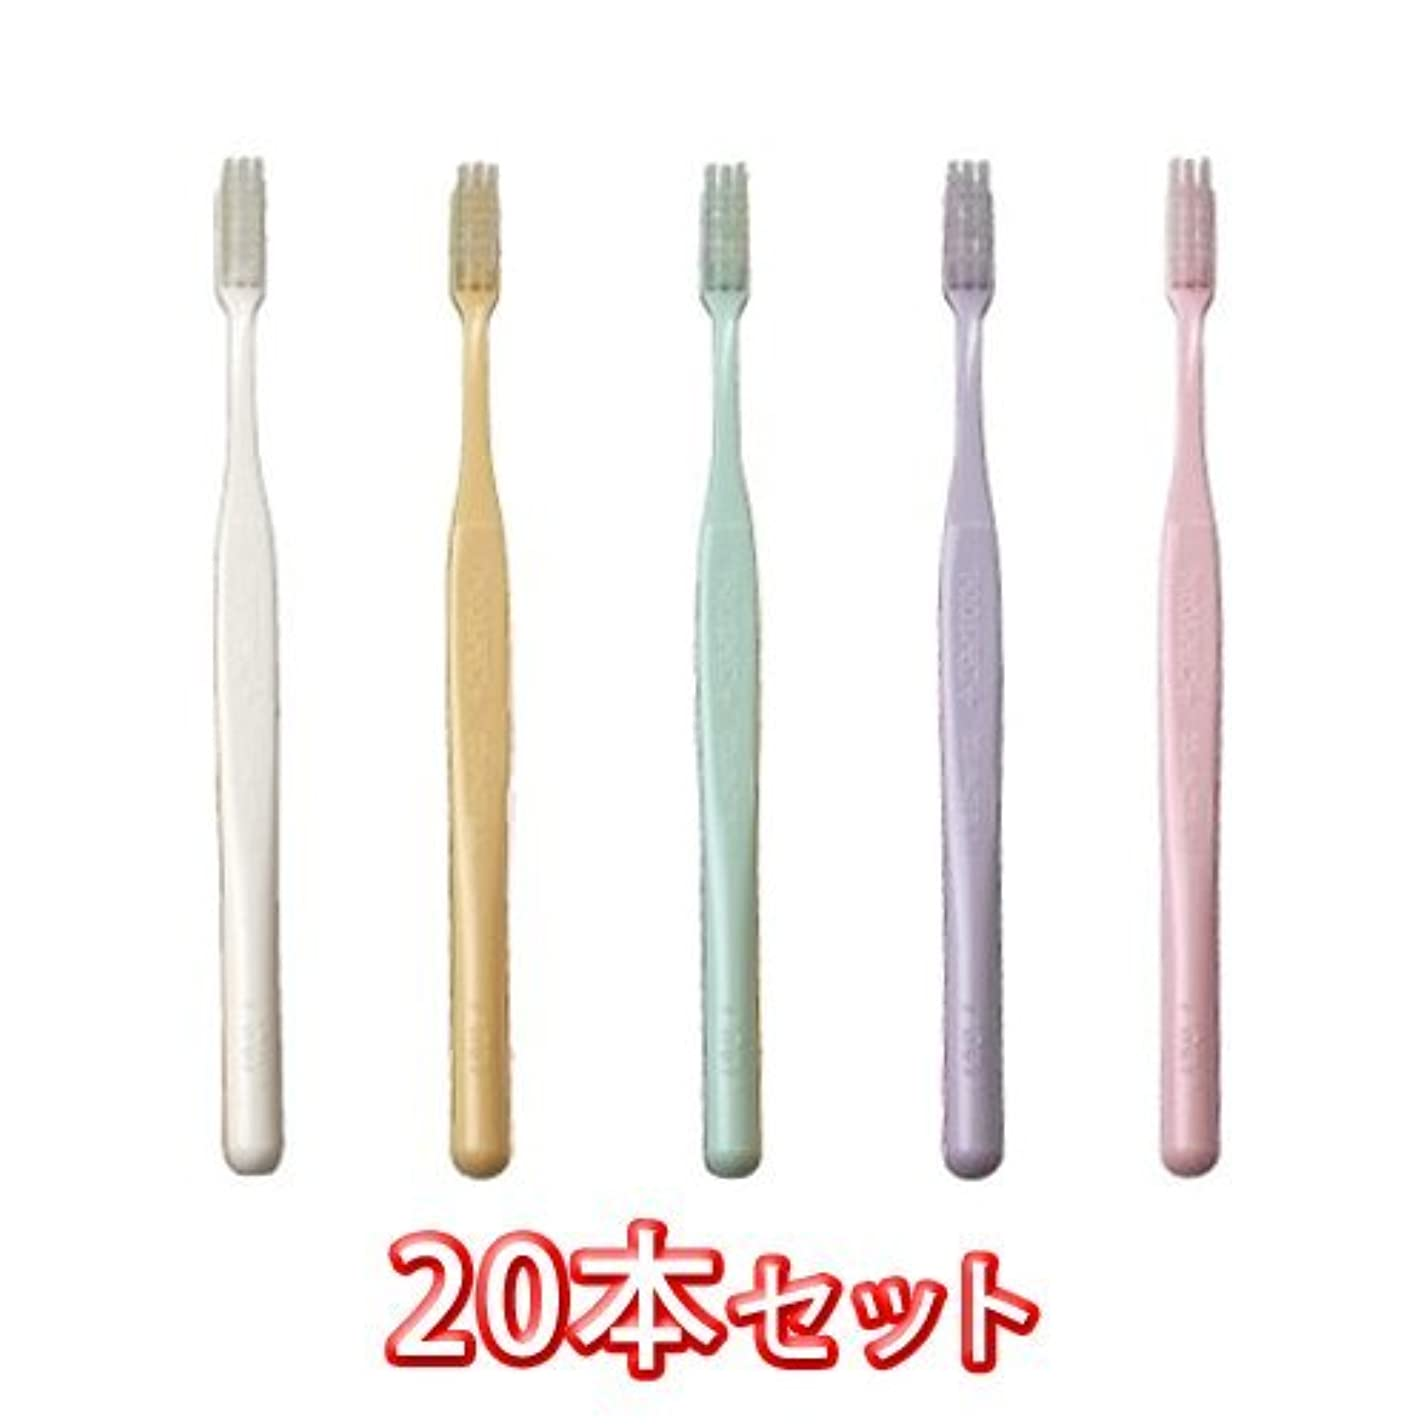 信じられない気質不変プロスペック 歯ブラシ プラス コンパクトスリム 20本入 ふつう色 S やわらかめ